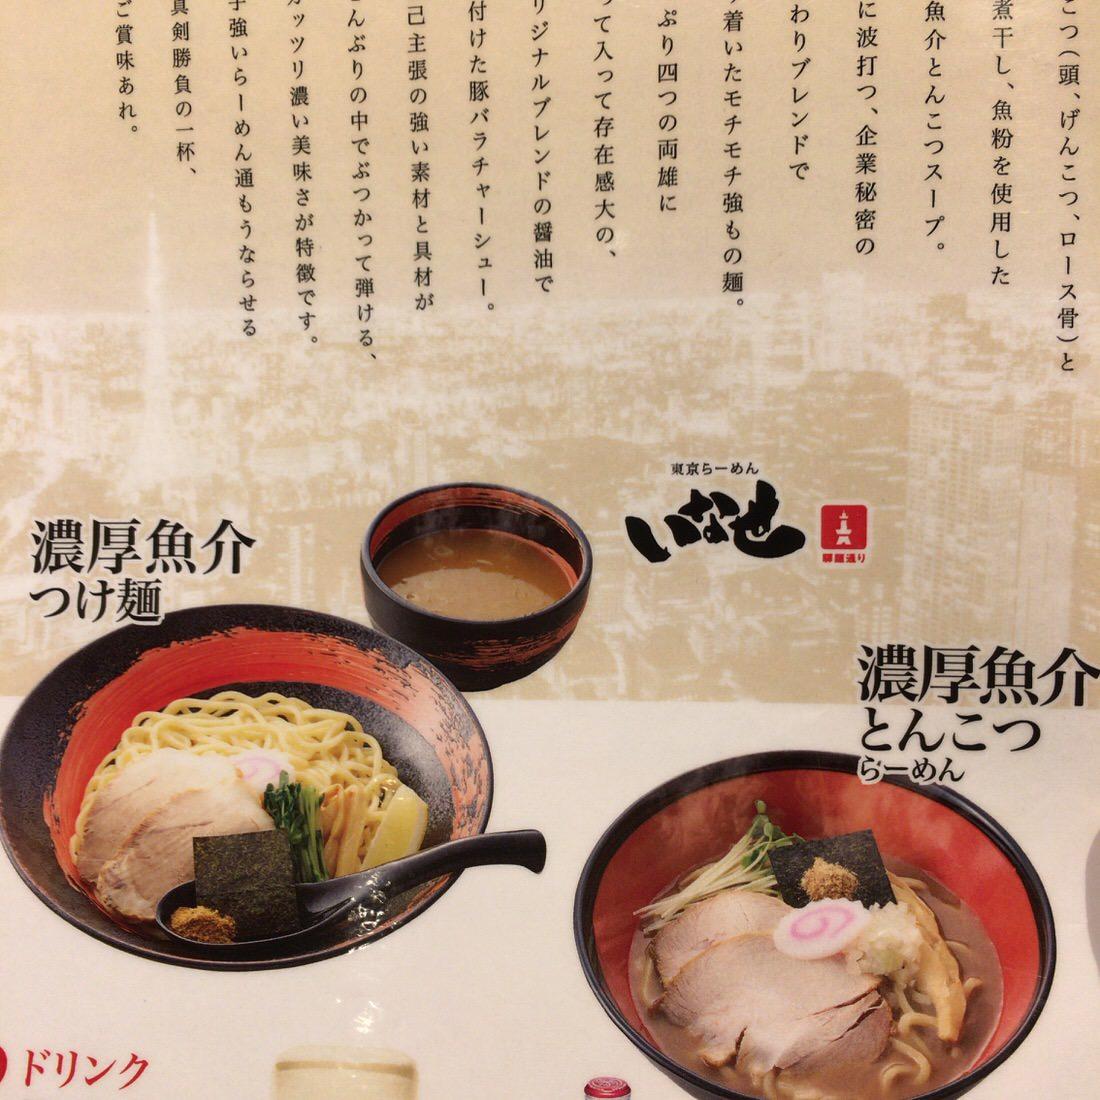 名古屋駅・驛麺通りにある『いな世』で濃厚魚介とんこつらーめんを堪能